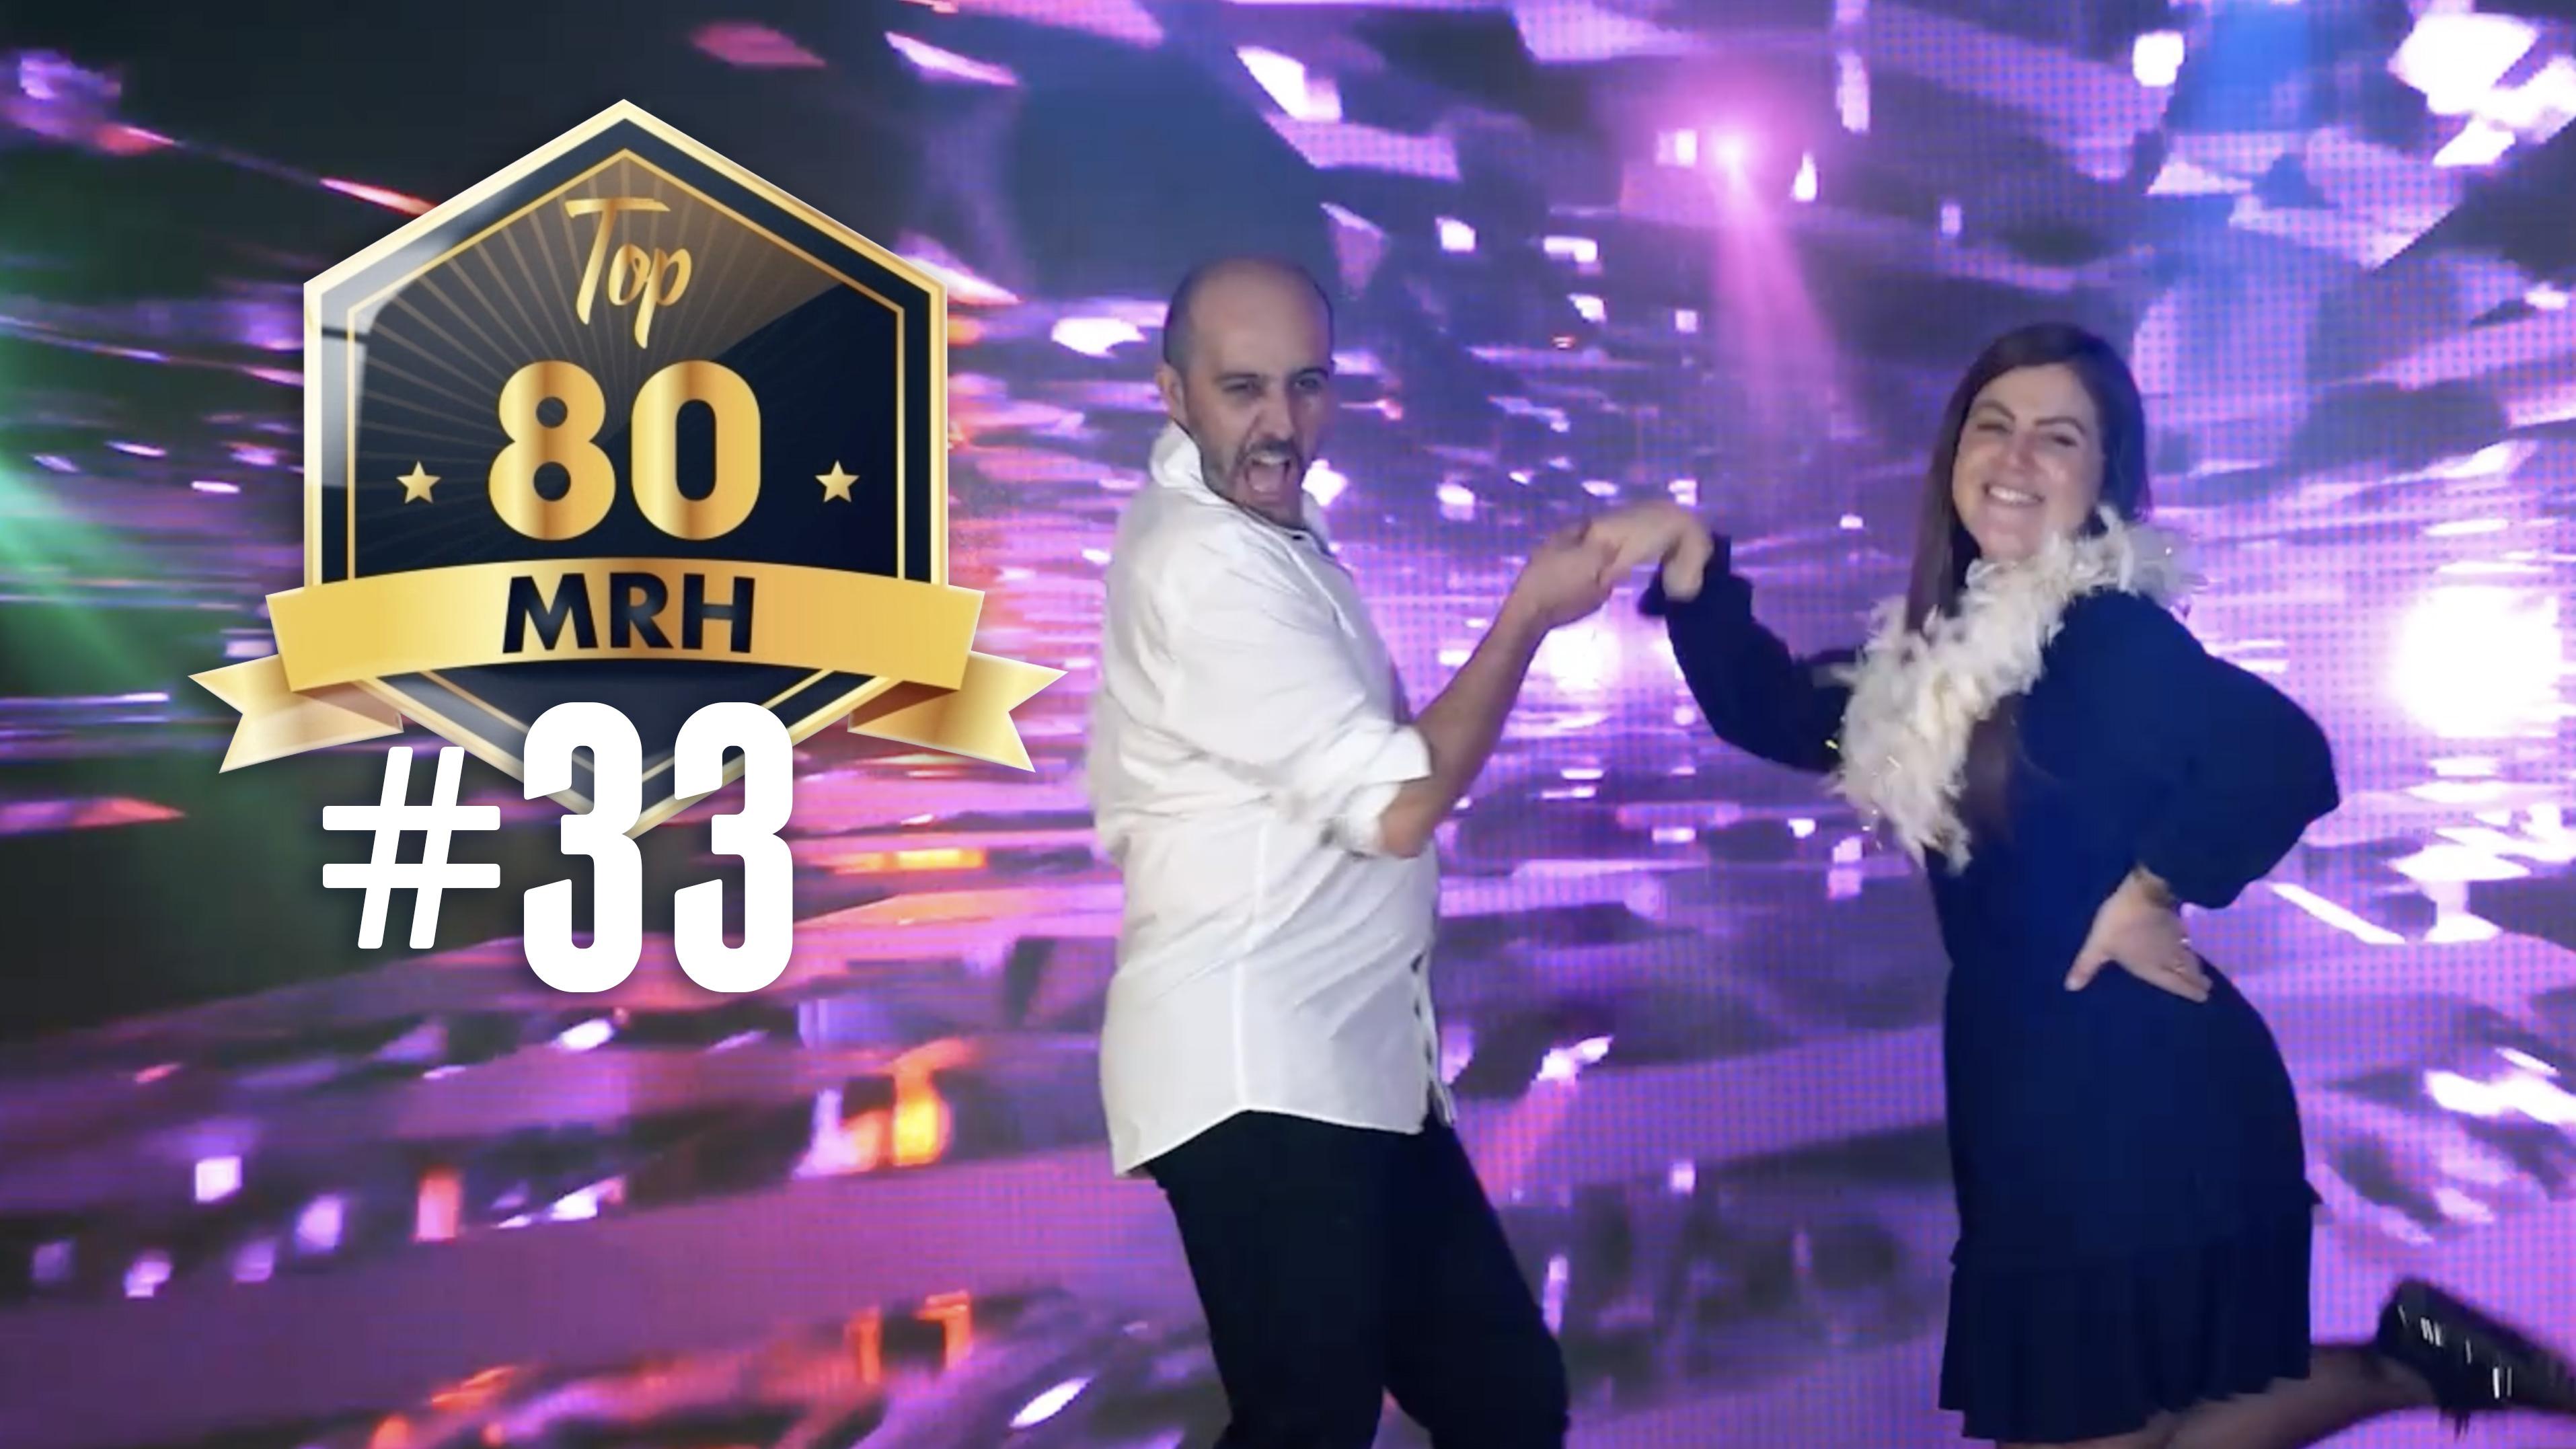 Top 80 MRH - Quel est le classement de ce trente troisième Top 80 ?